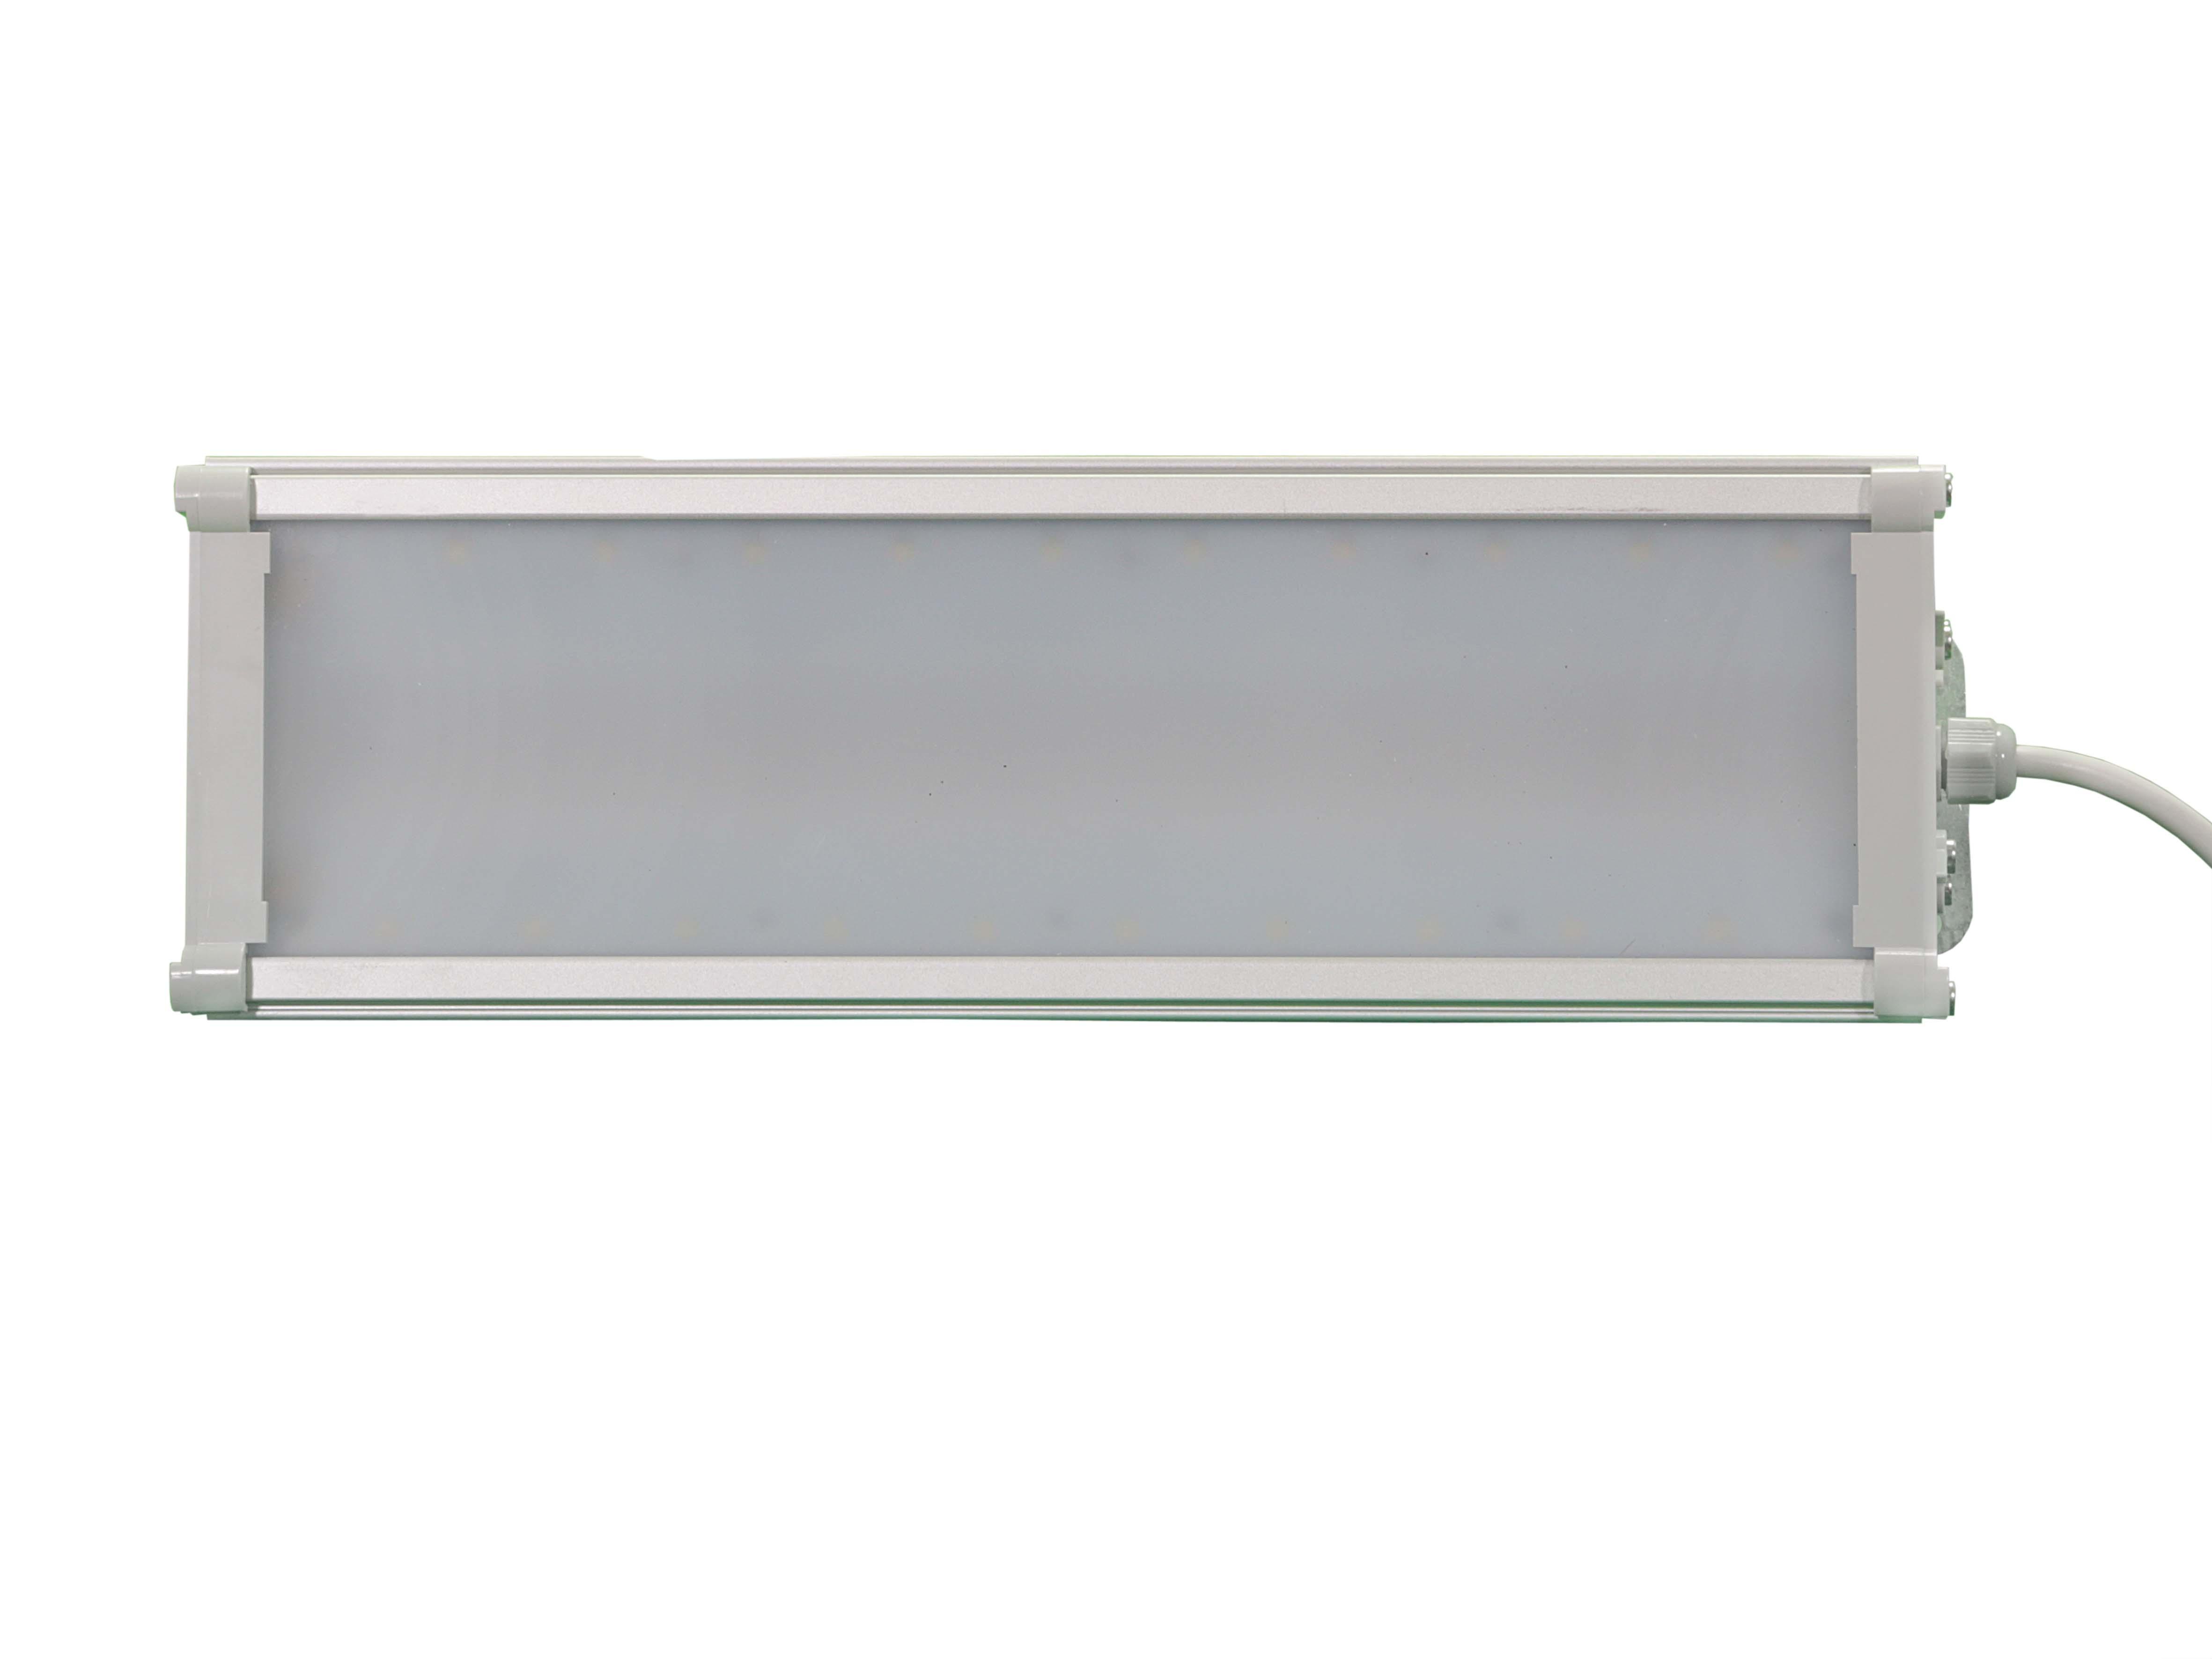 Уличный светодиодный светильник Фотон-120 50Вт 5824Лм